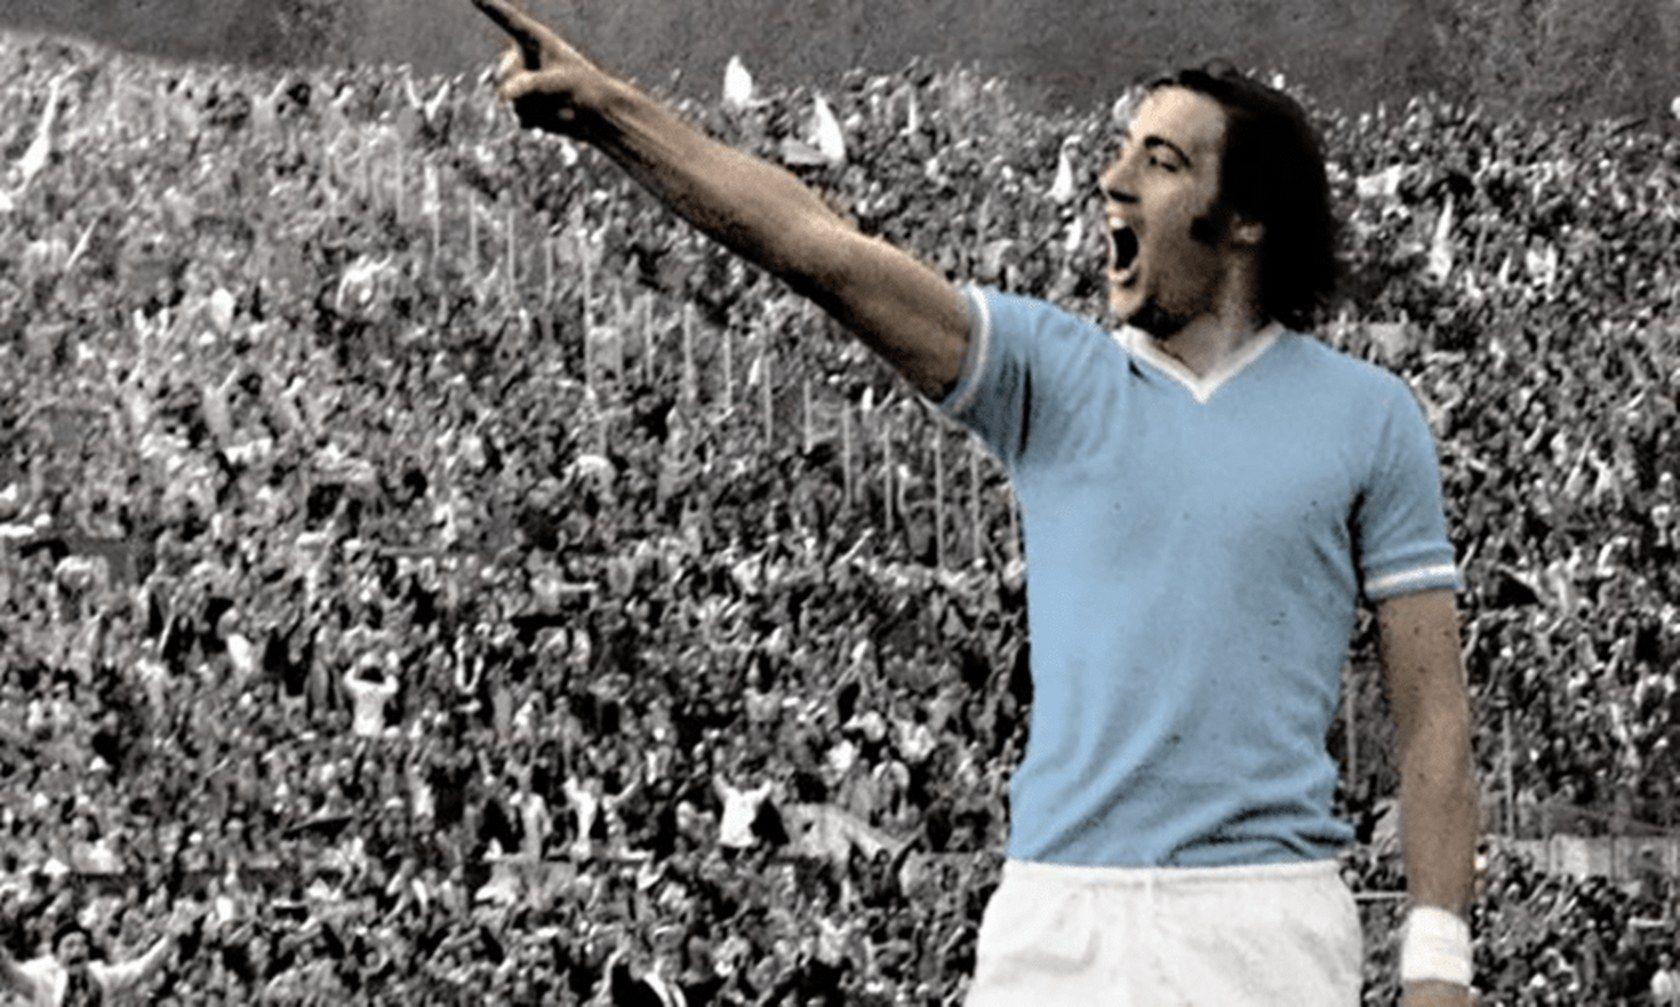 """Джорджо Киналя - епохална фигура за Лацио, която остава в сърцата на феновете до смъртта им. Нападателят, който почина през 2012-а, донесе първата титла на """"орлите"""" през 1974-а, когато стана и голмайстор №1 на първенството."""